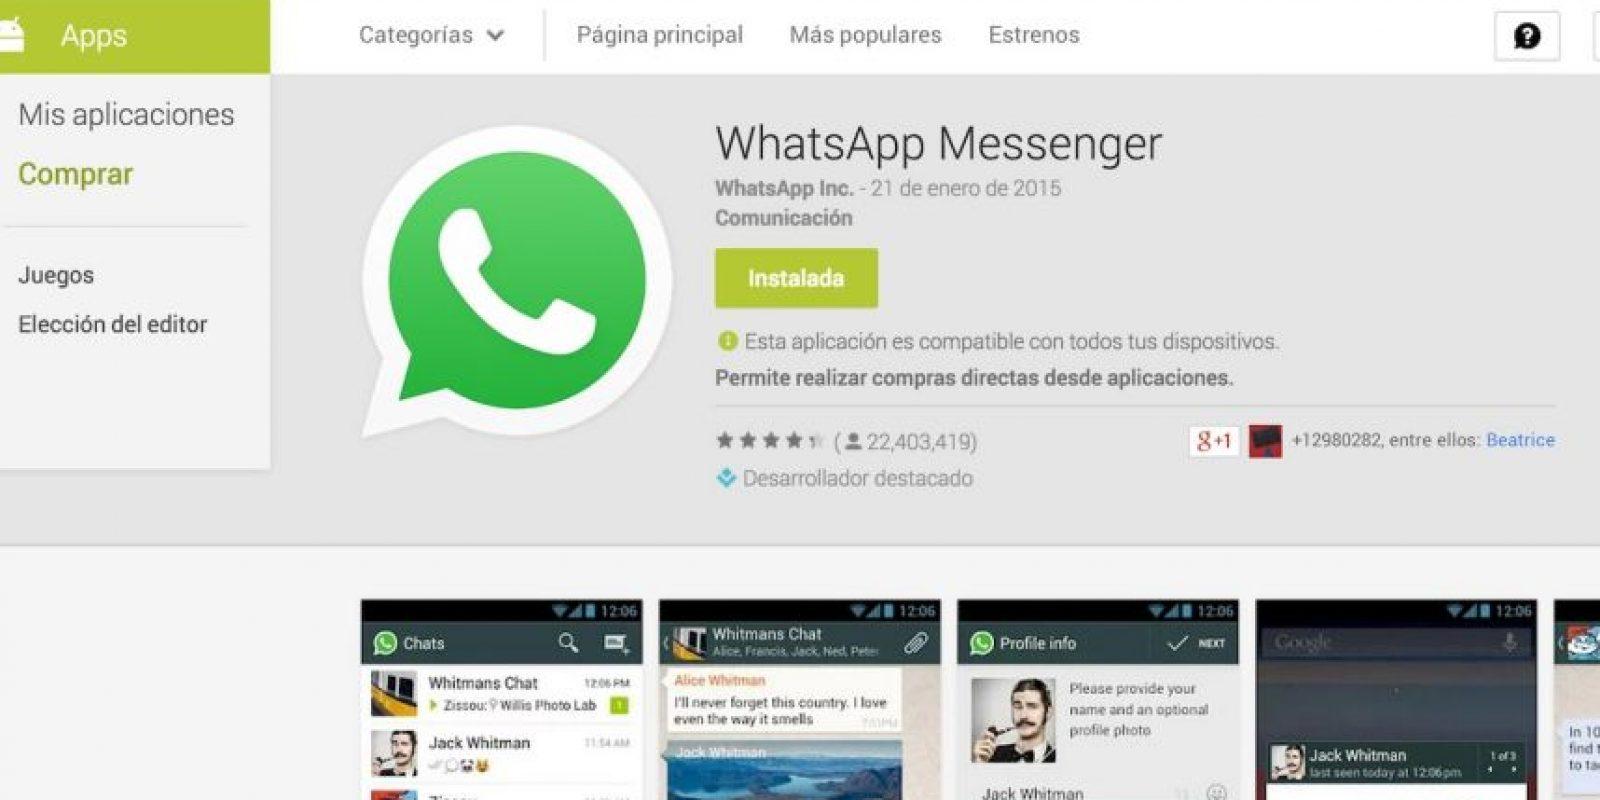 Deberán tener la reciente versión de WhatsApp actualizada el 21 de enero. Foto:WhatsApp